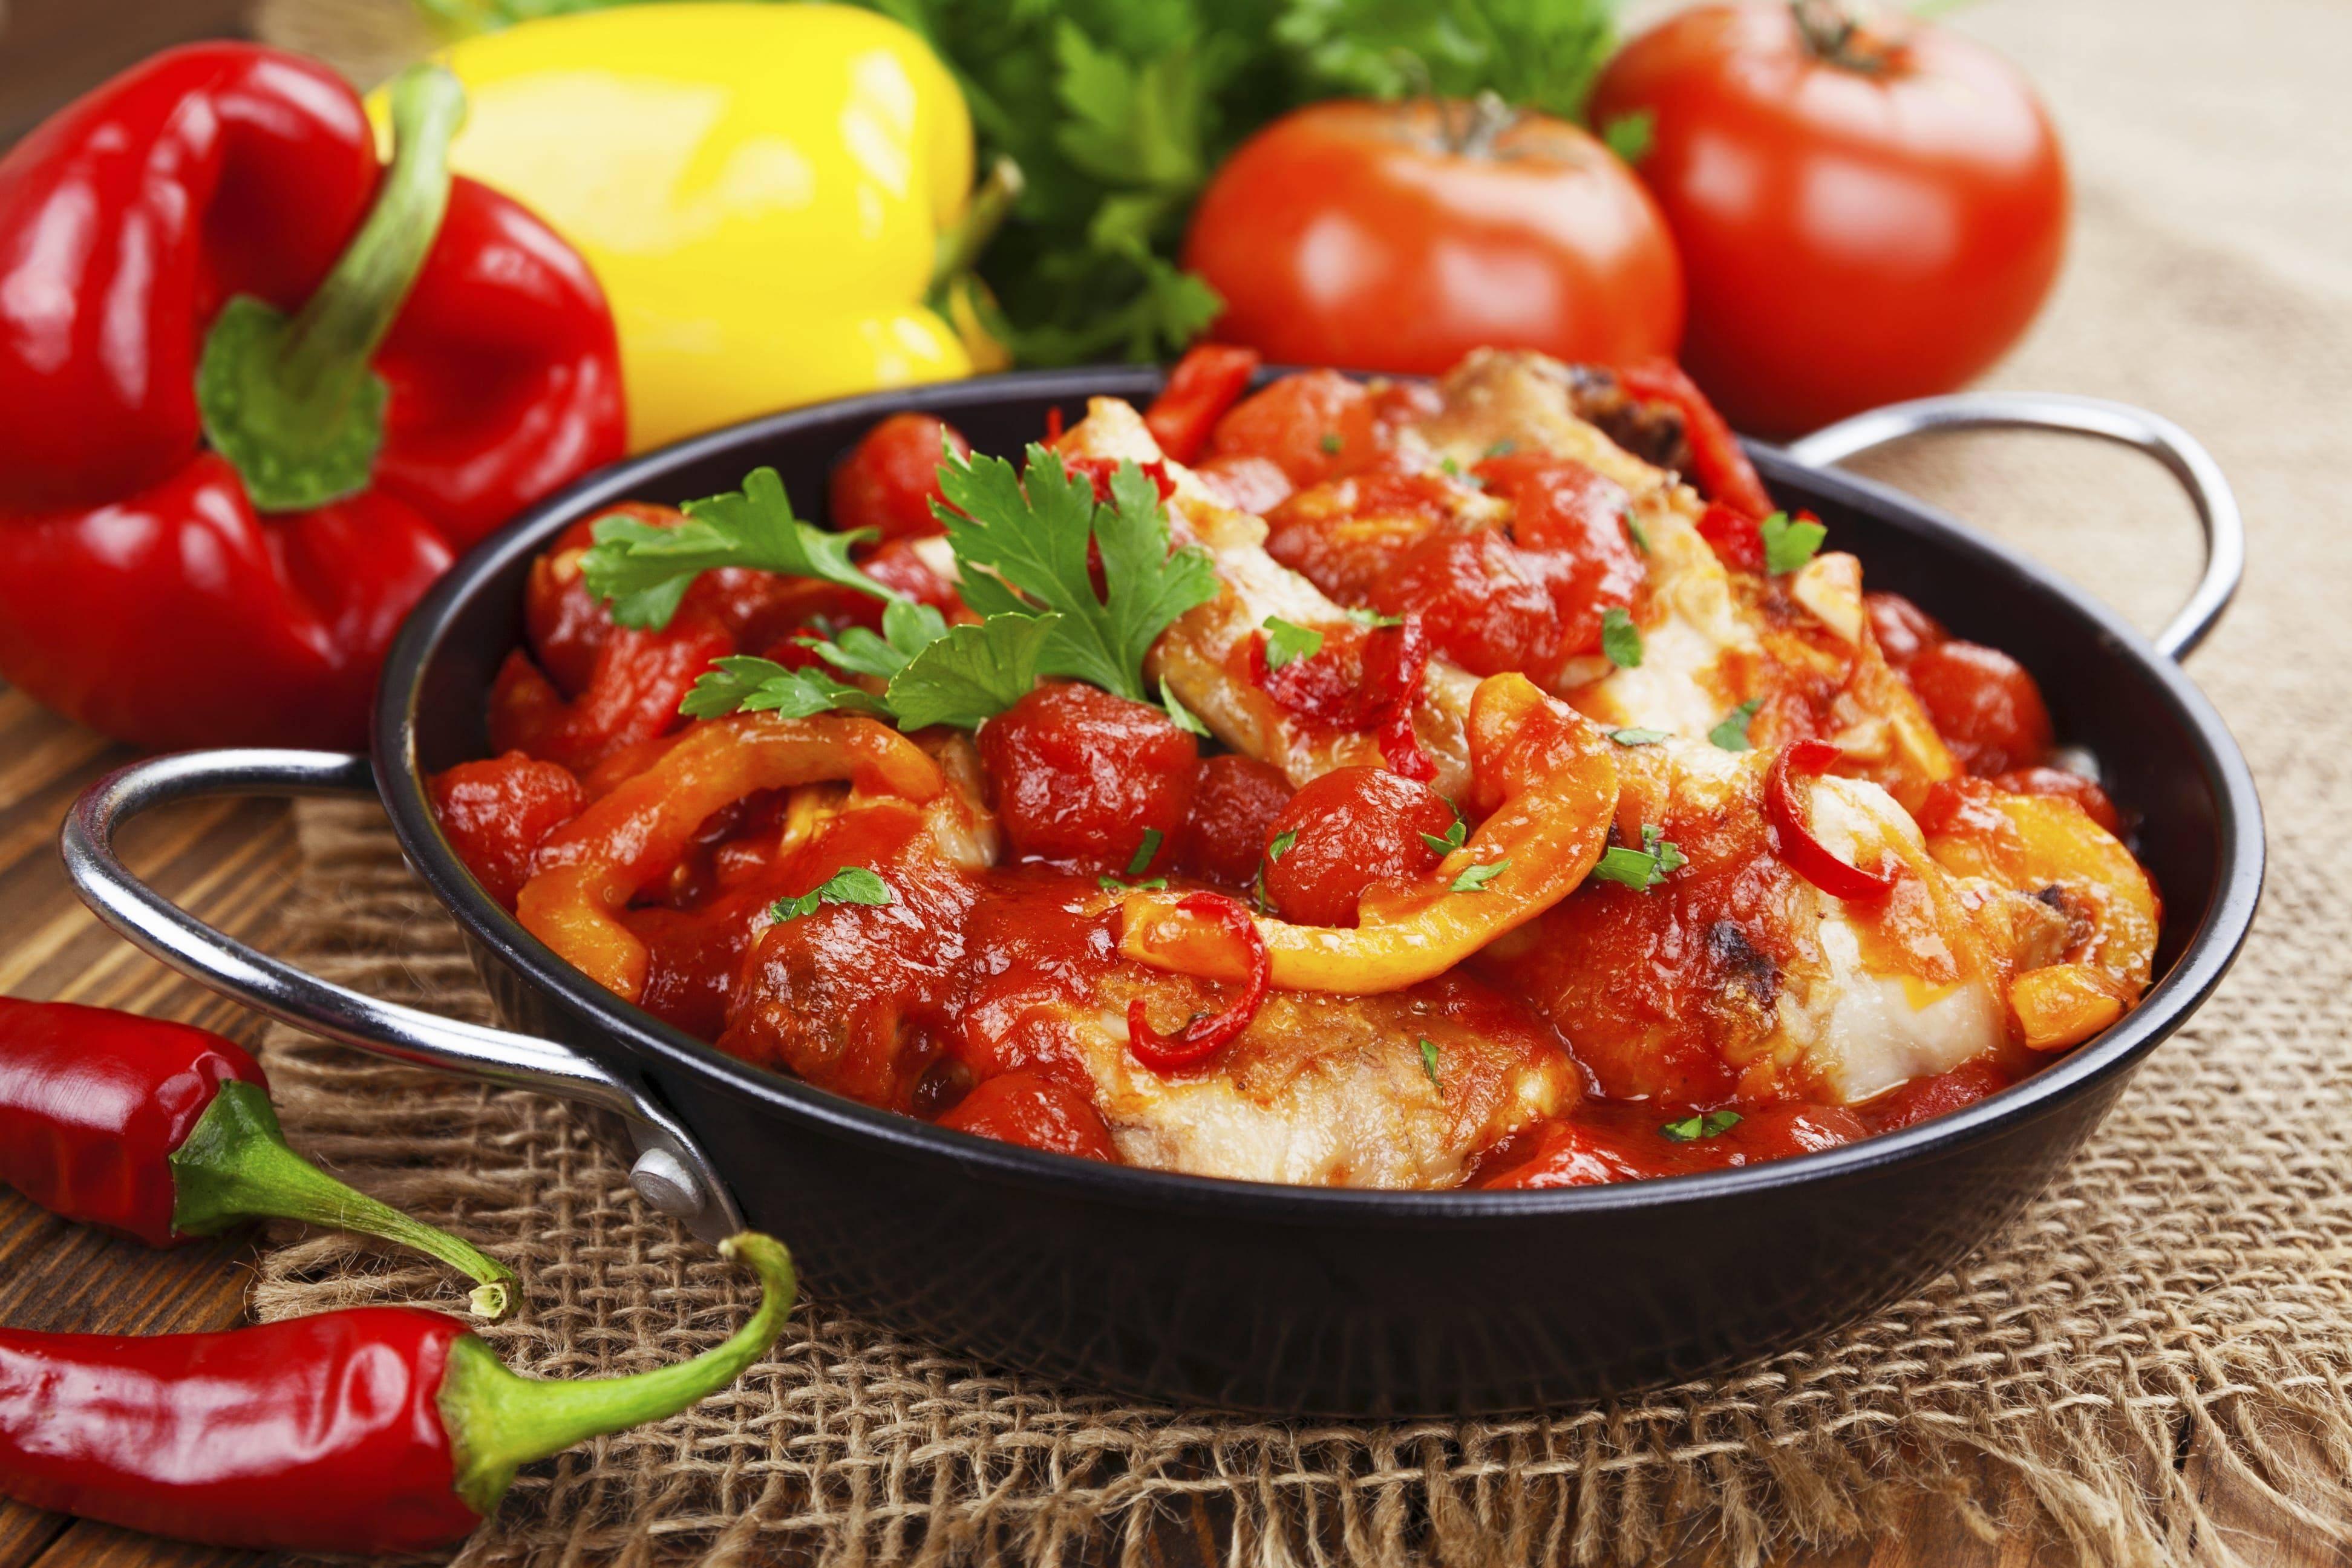 Курица в вине: какое лучше подходит для рецептов с маринованной птицей - красное или белое, с чем подают, как сделать в духовке, на сковороде, чахохбили, фото блюд   mosspravki.ru